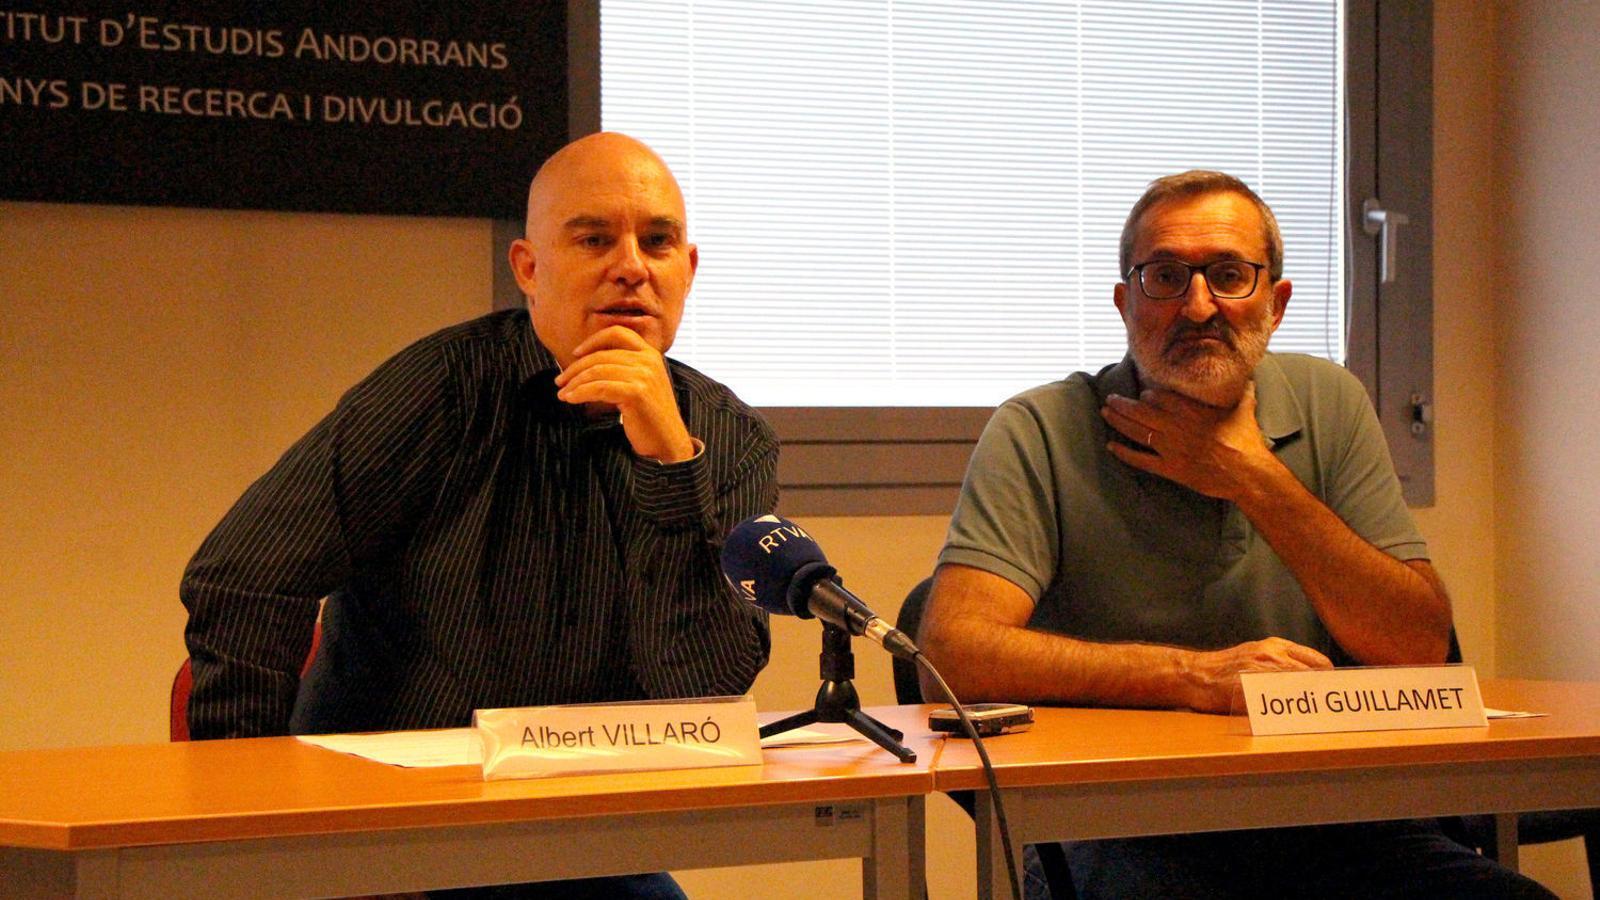 Els responsables del centre Albert Villaró i Jordi Guillamet el dia de la presentació de les beques. / ARXIU ANA